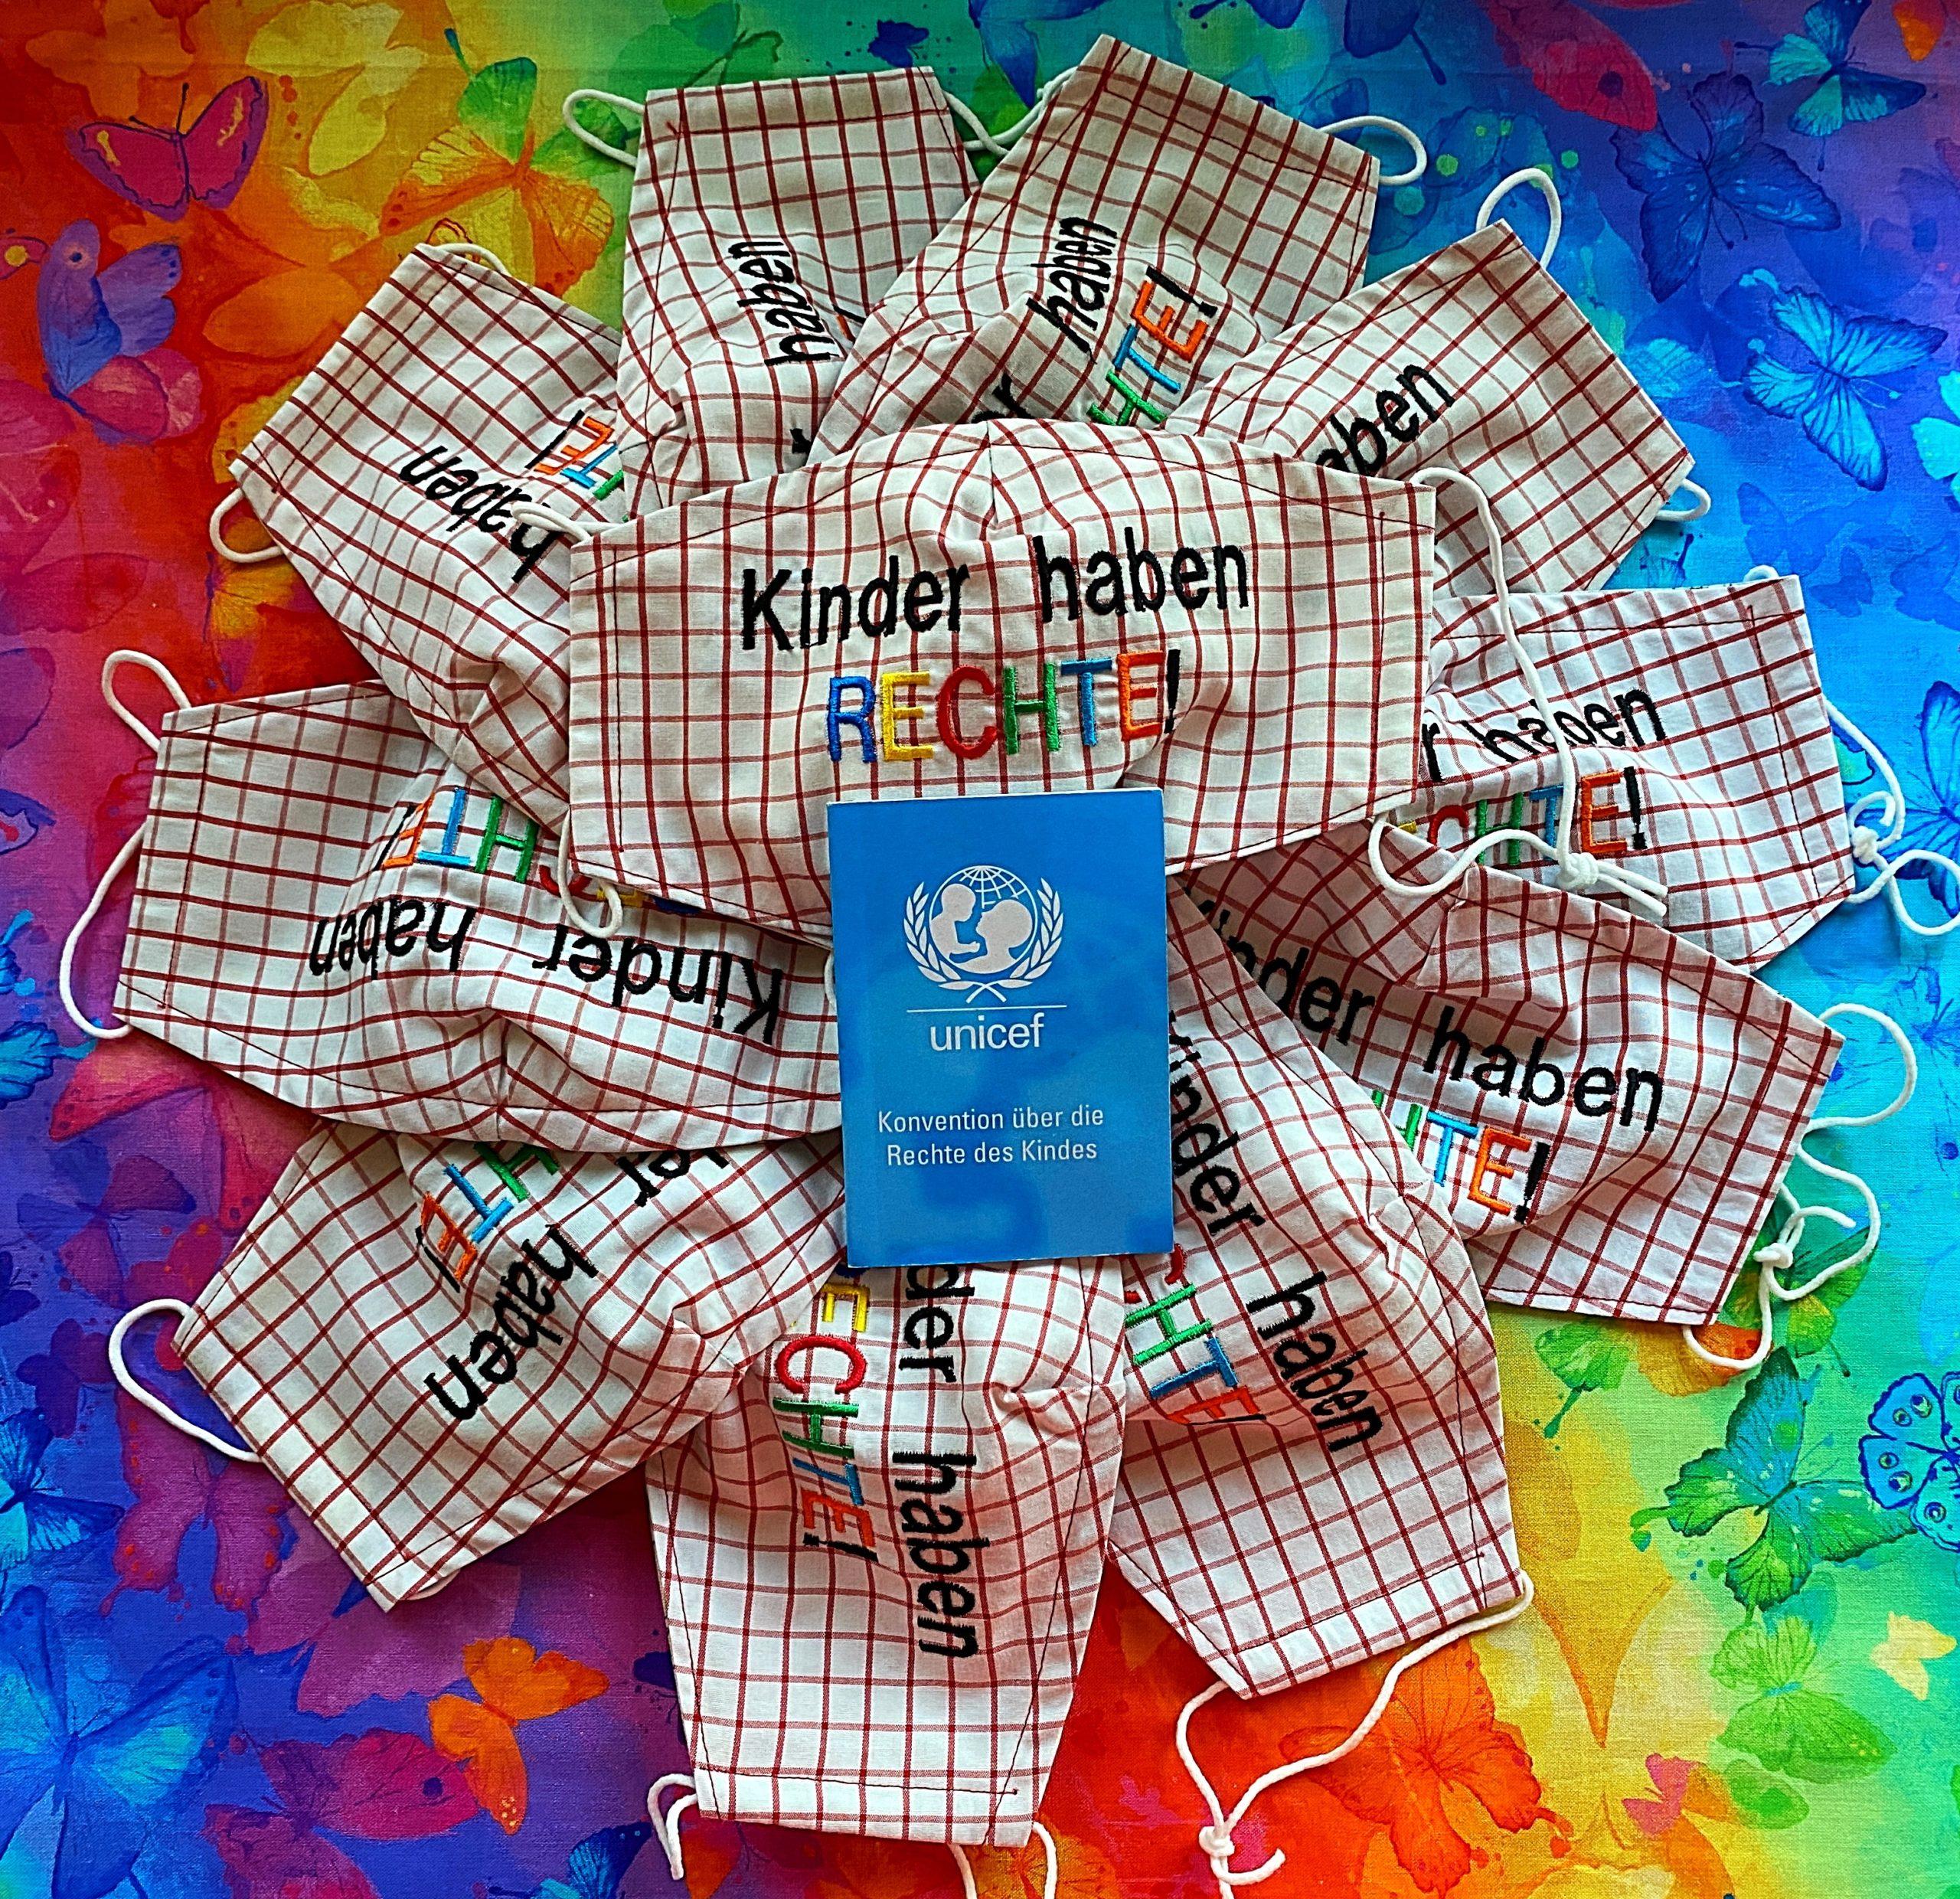 Weltkindertag 2020:  Vorbereitungen der UNICEF- AG